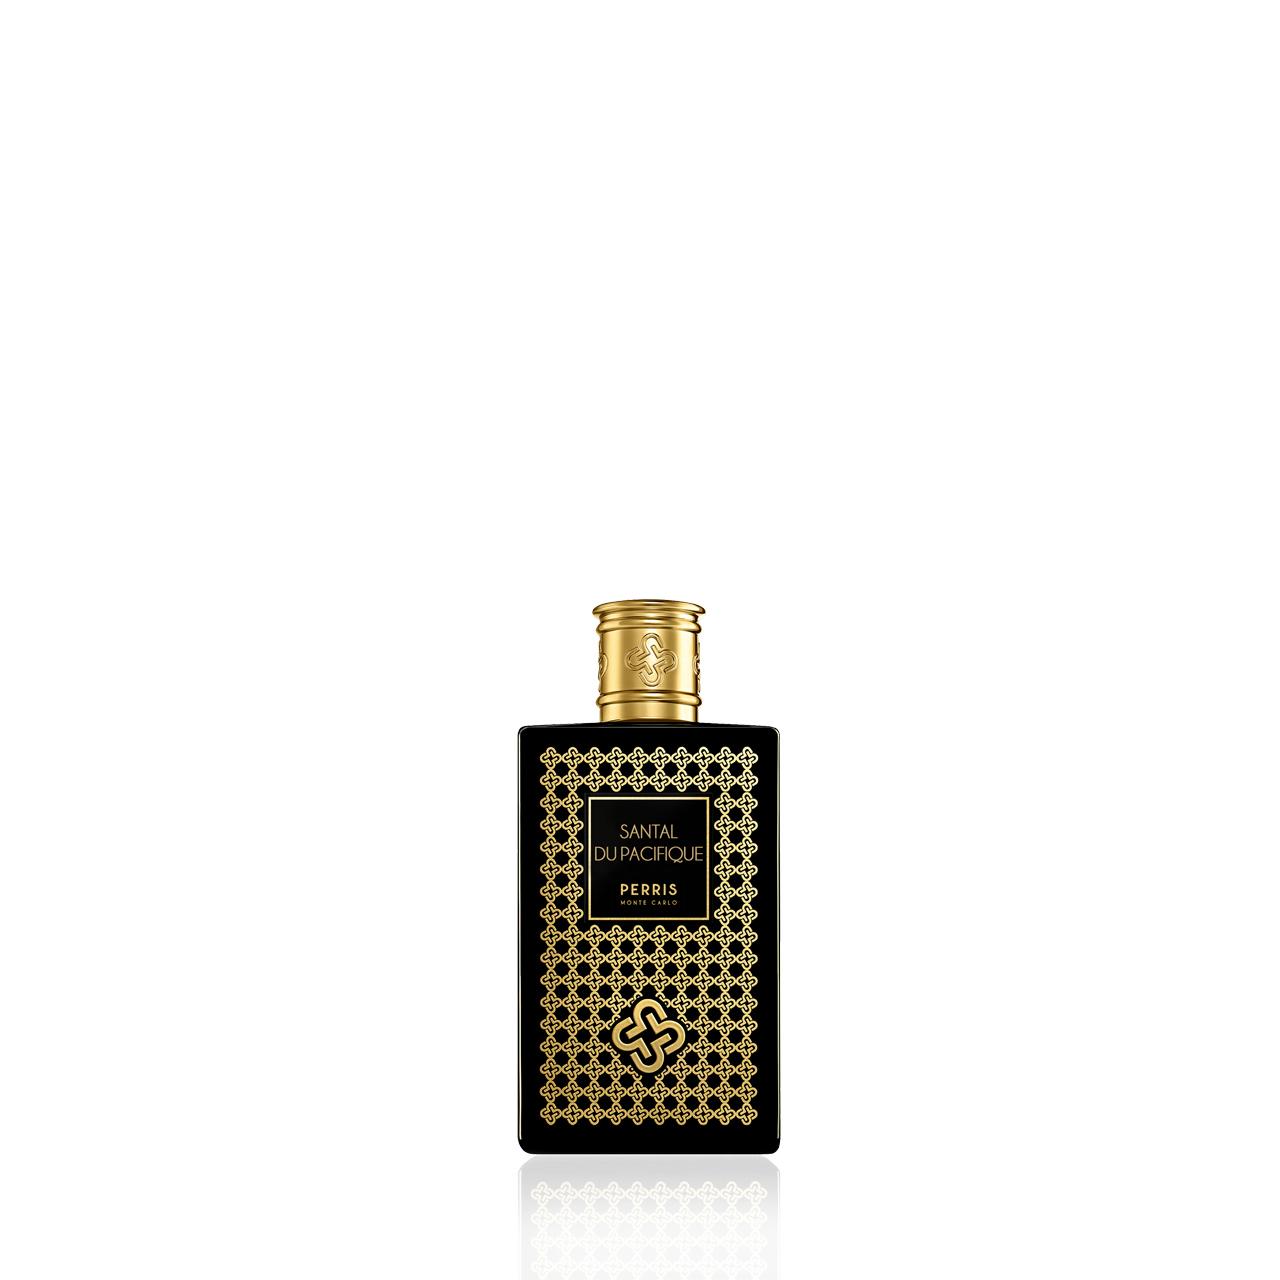 Santal Du Pacifique - Eau de Parfum